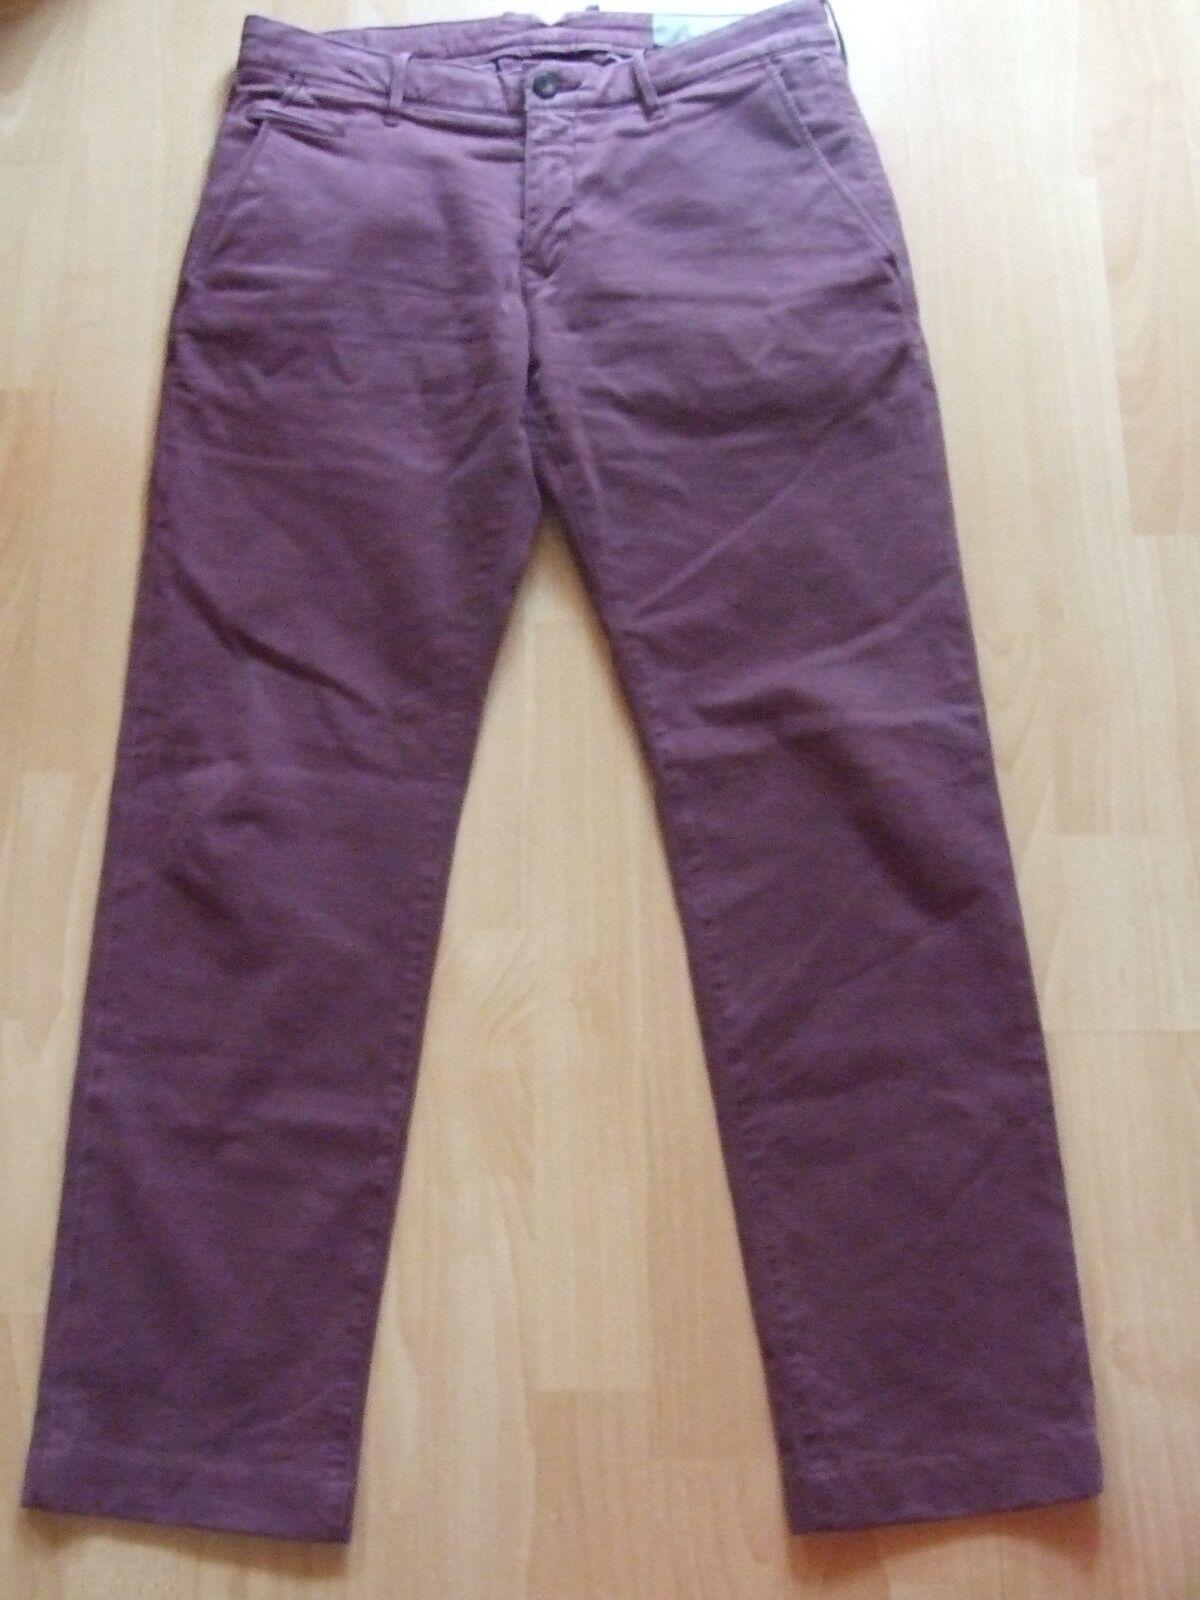 Unique Authentic Jacob Cohen stylish italian pants size 32